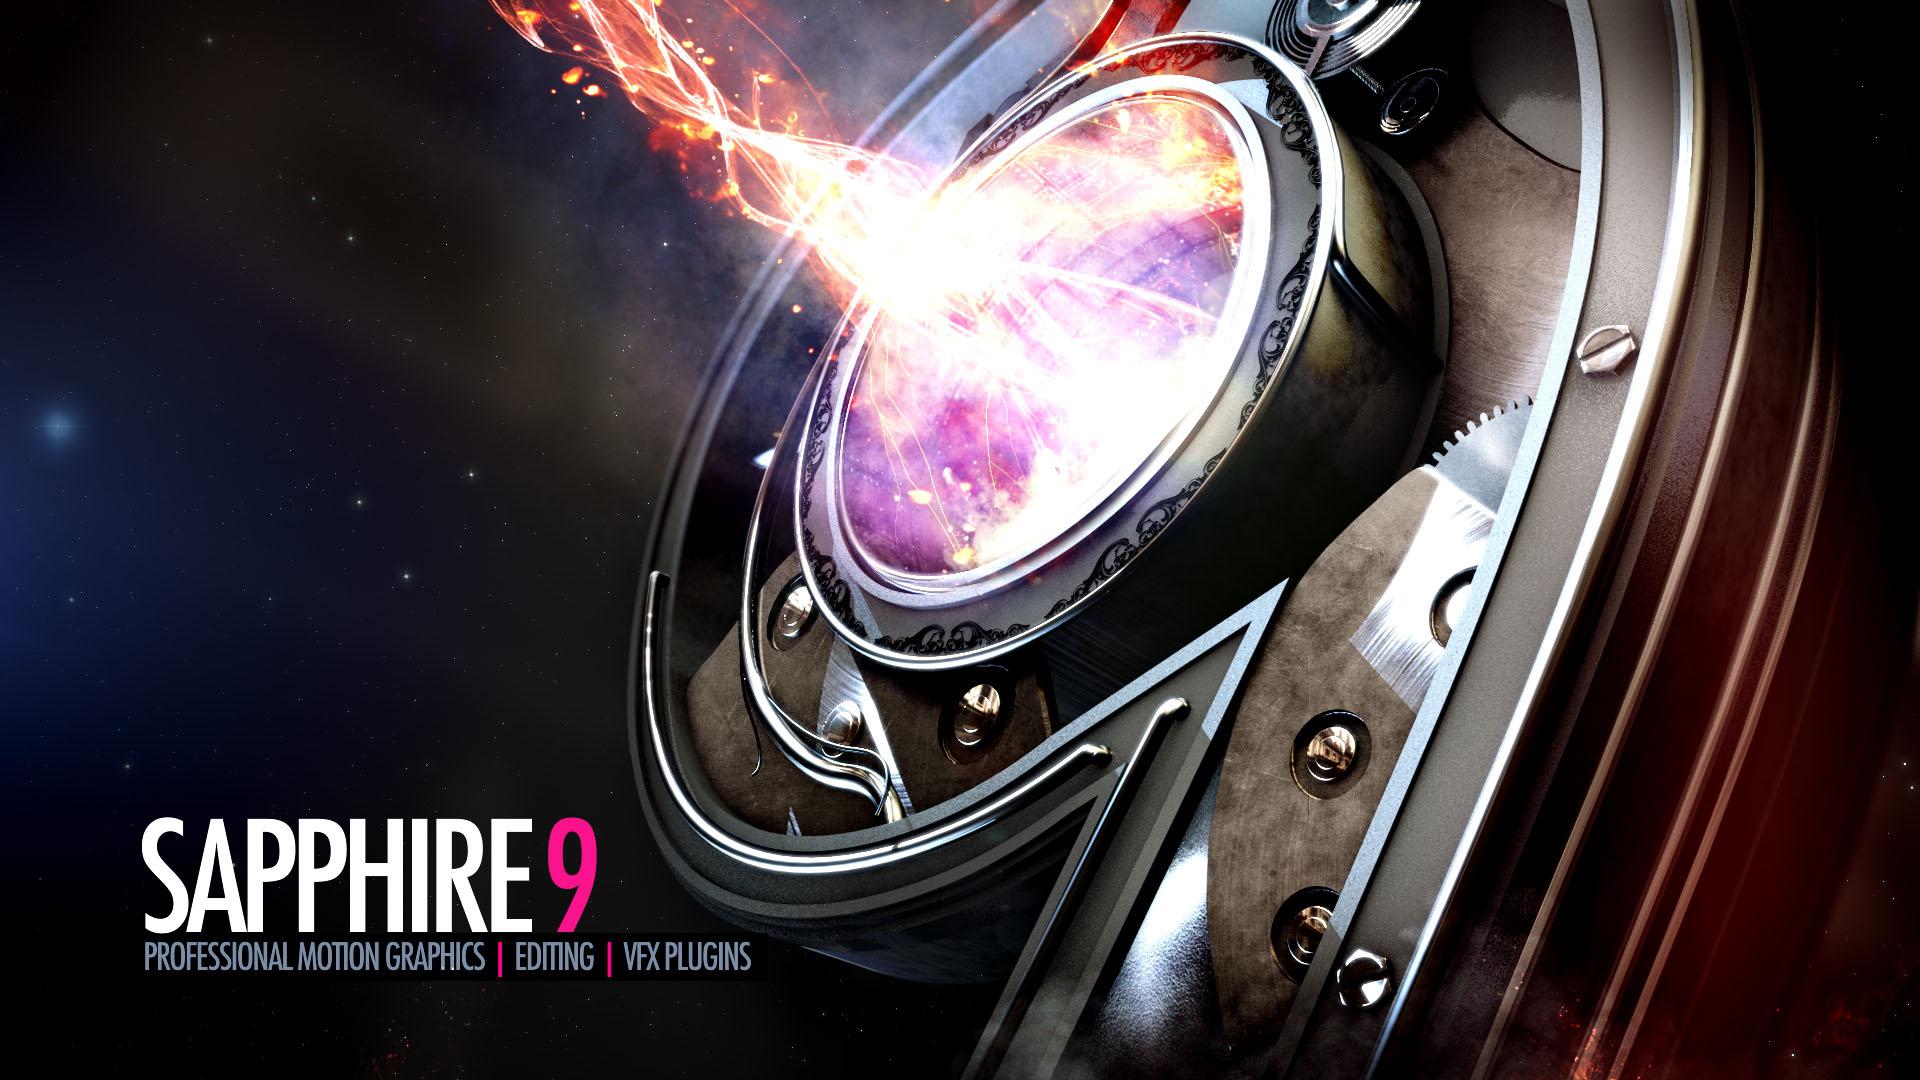 Sapphire_09_Hero_GFX.jpg